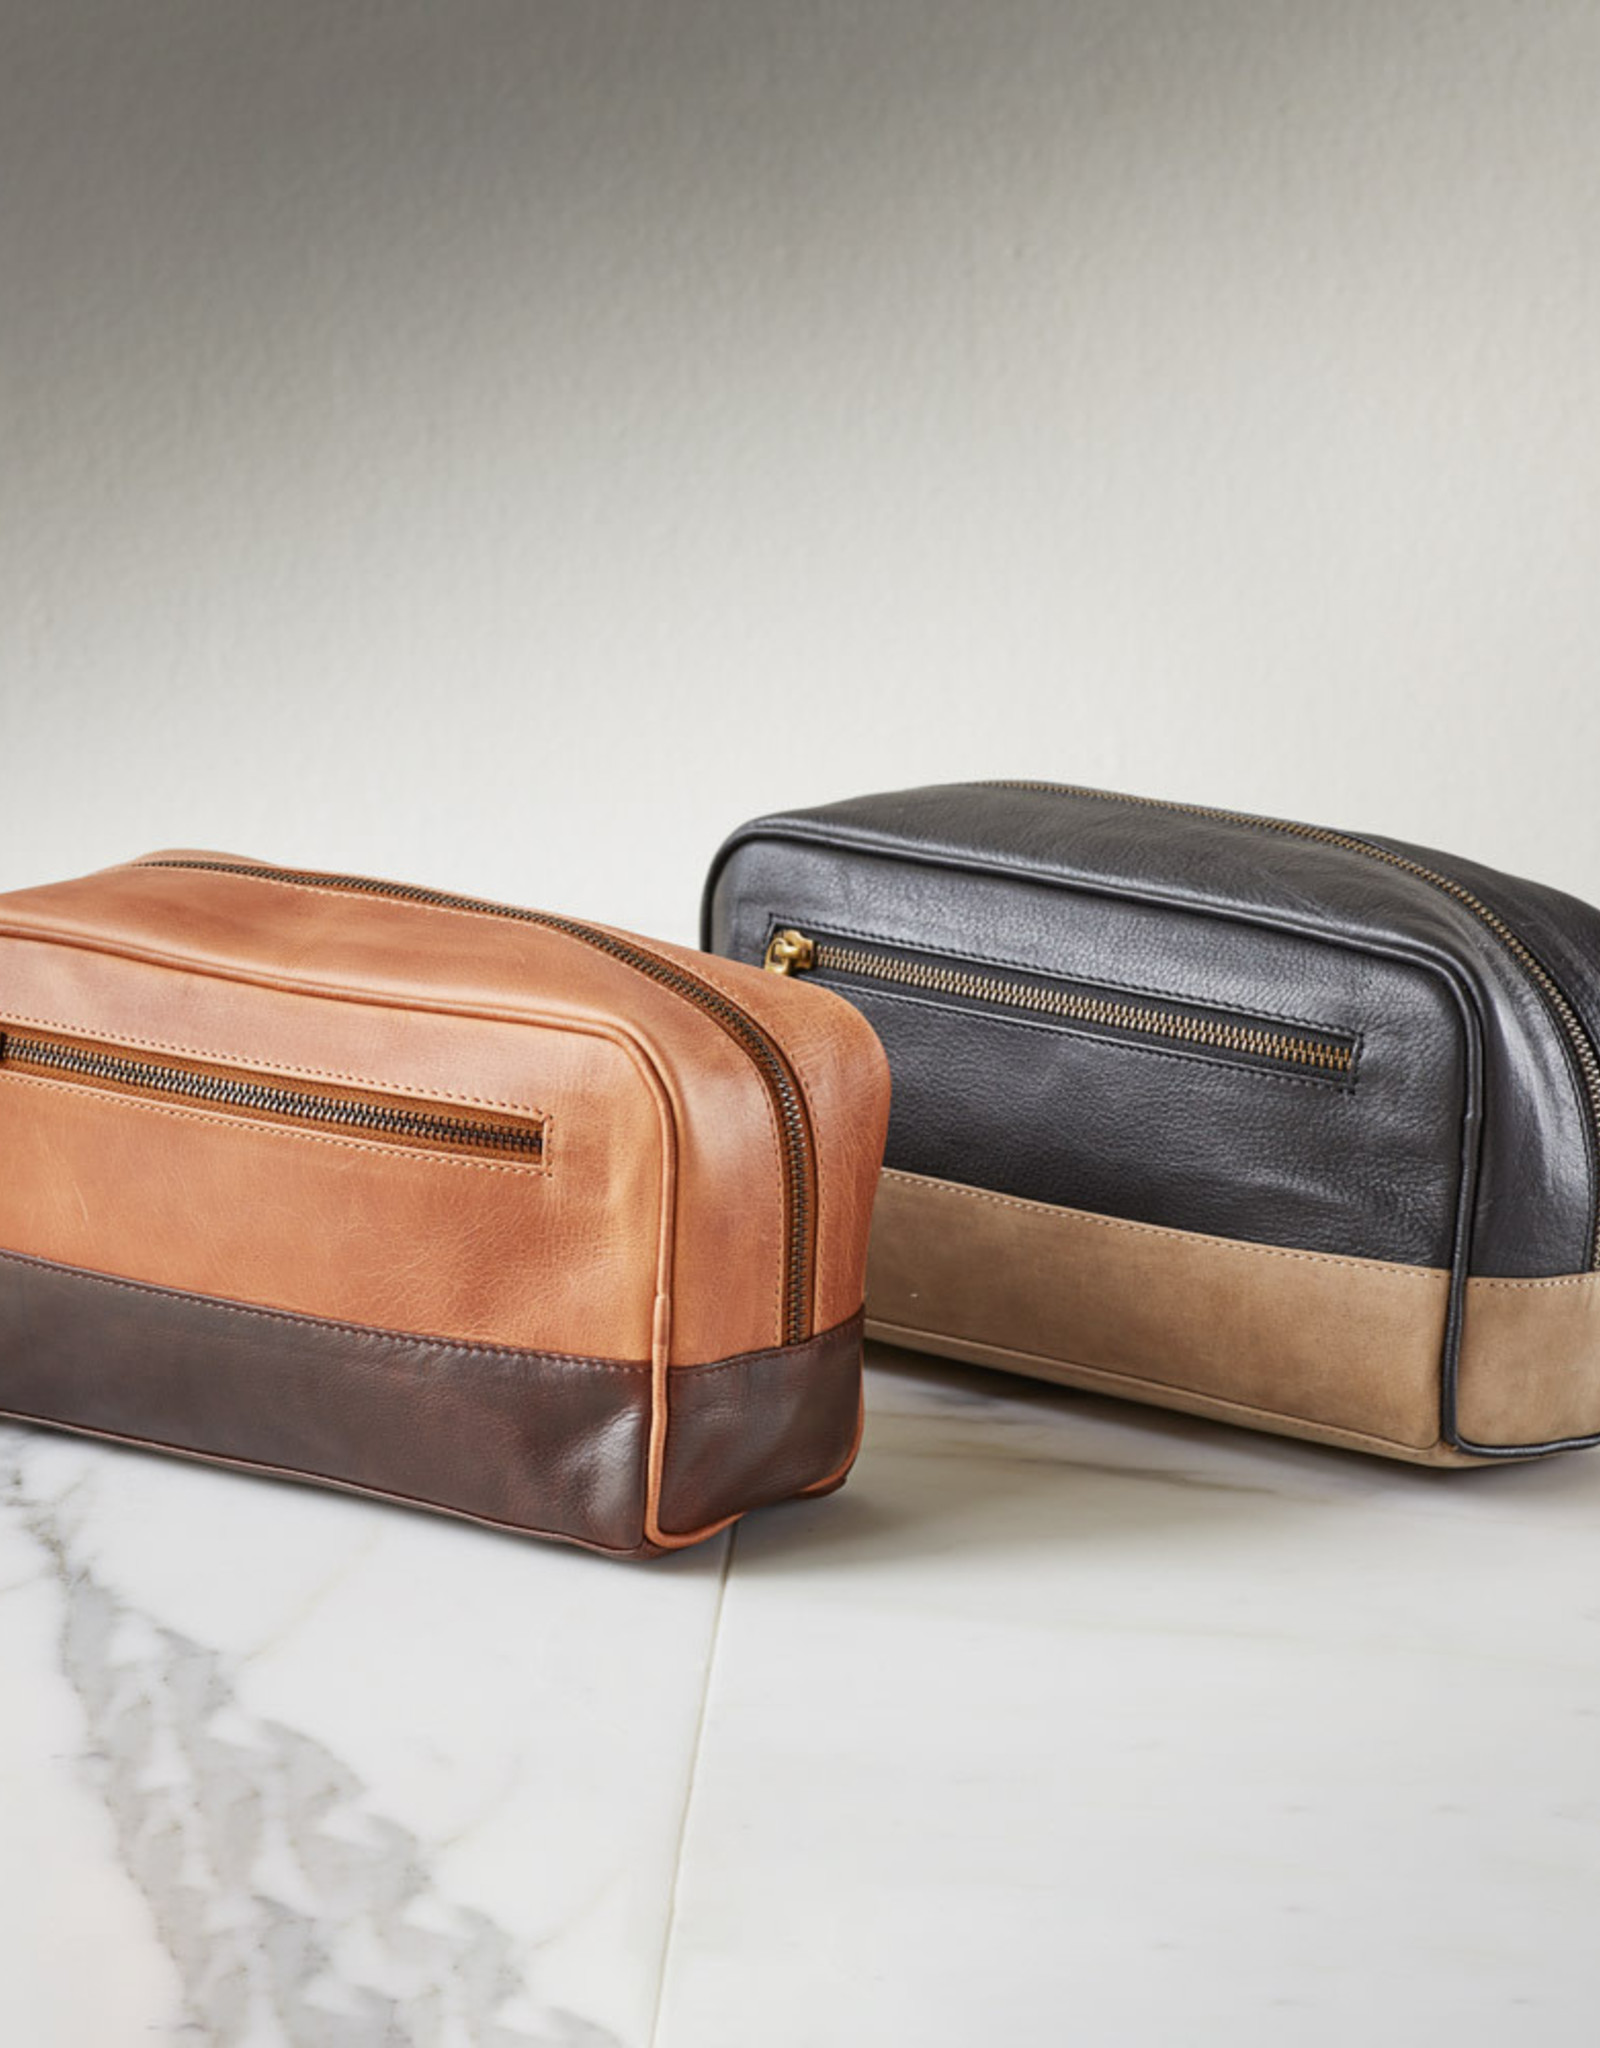 Serrv Copper & Chestnut Leather Dopp Bag